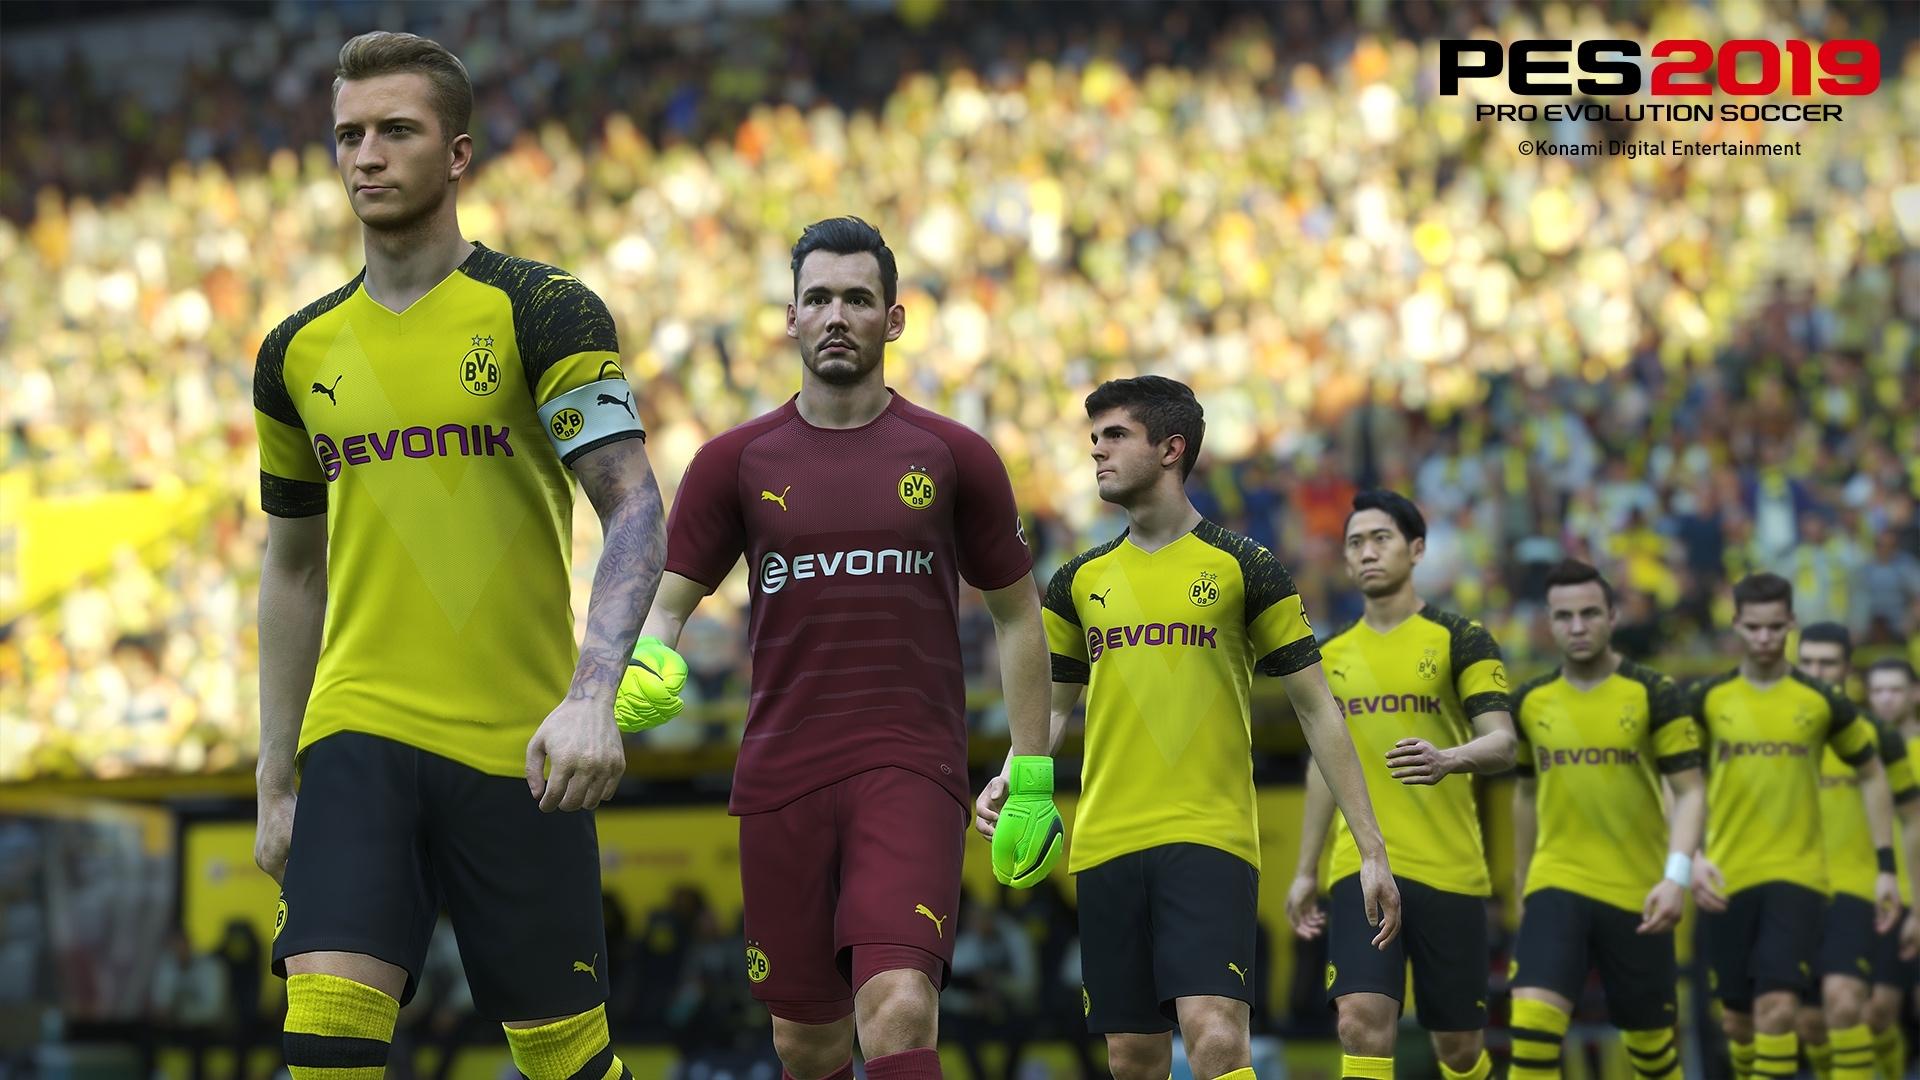 PES 2019 Borussia Dortmund